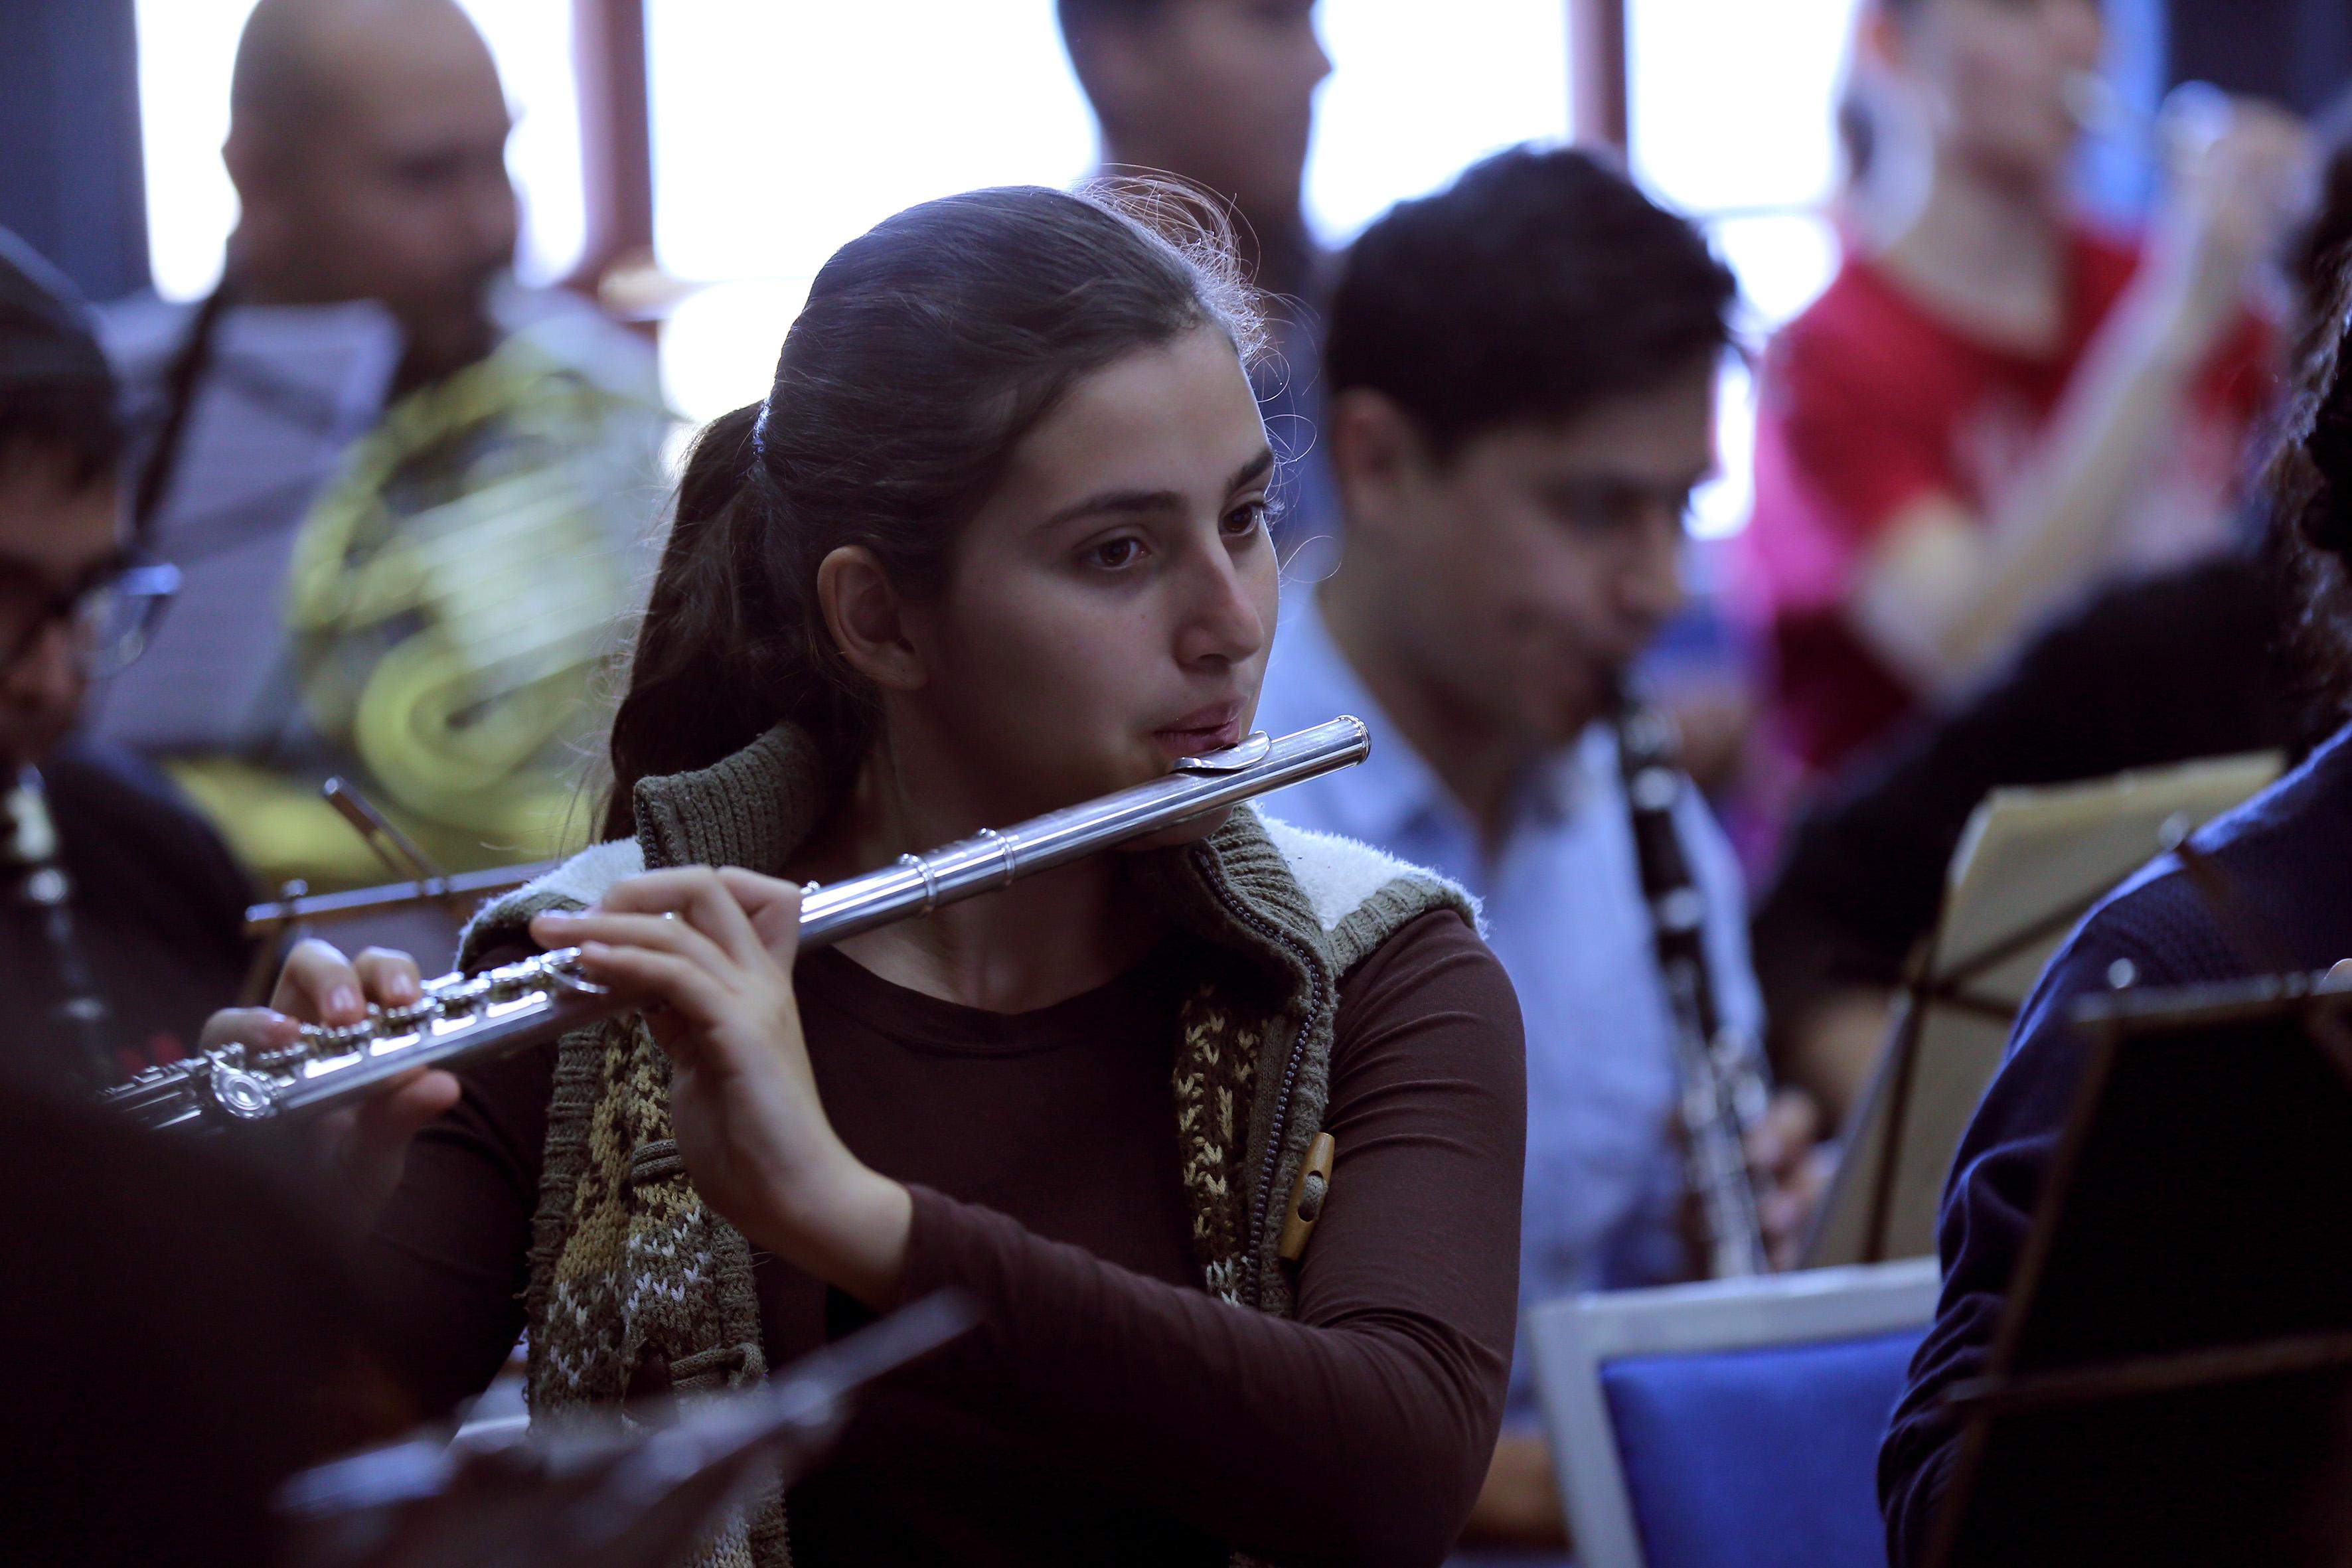 Estudiante de Música tocando flauta transversal